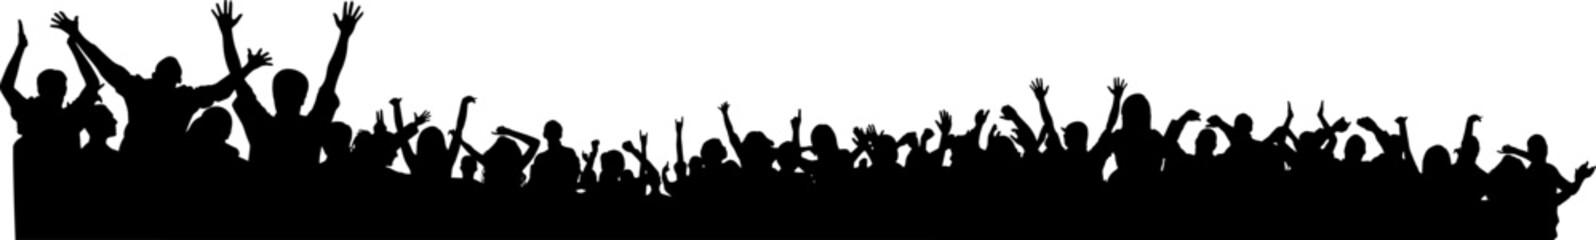 Menschenmenge - Crowd